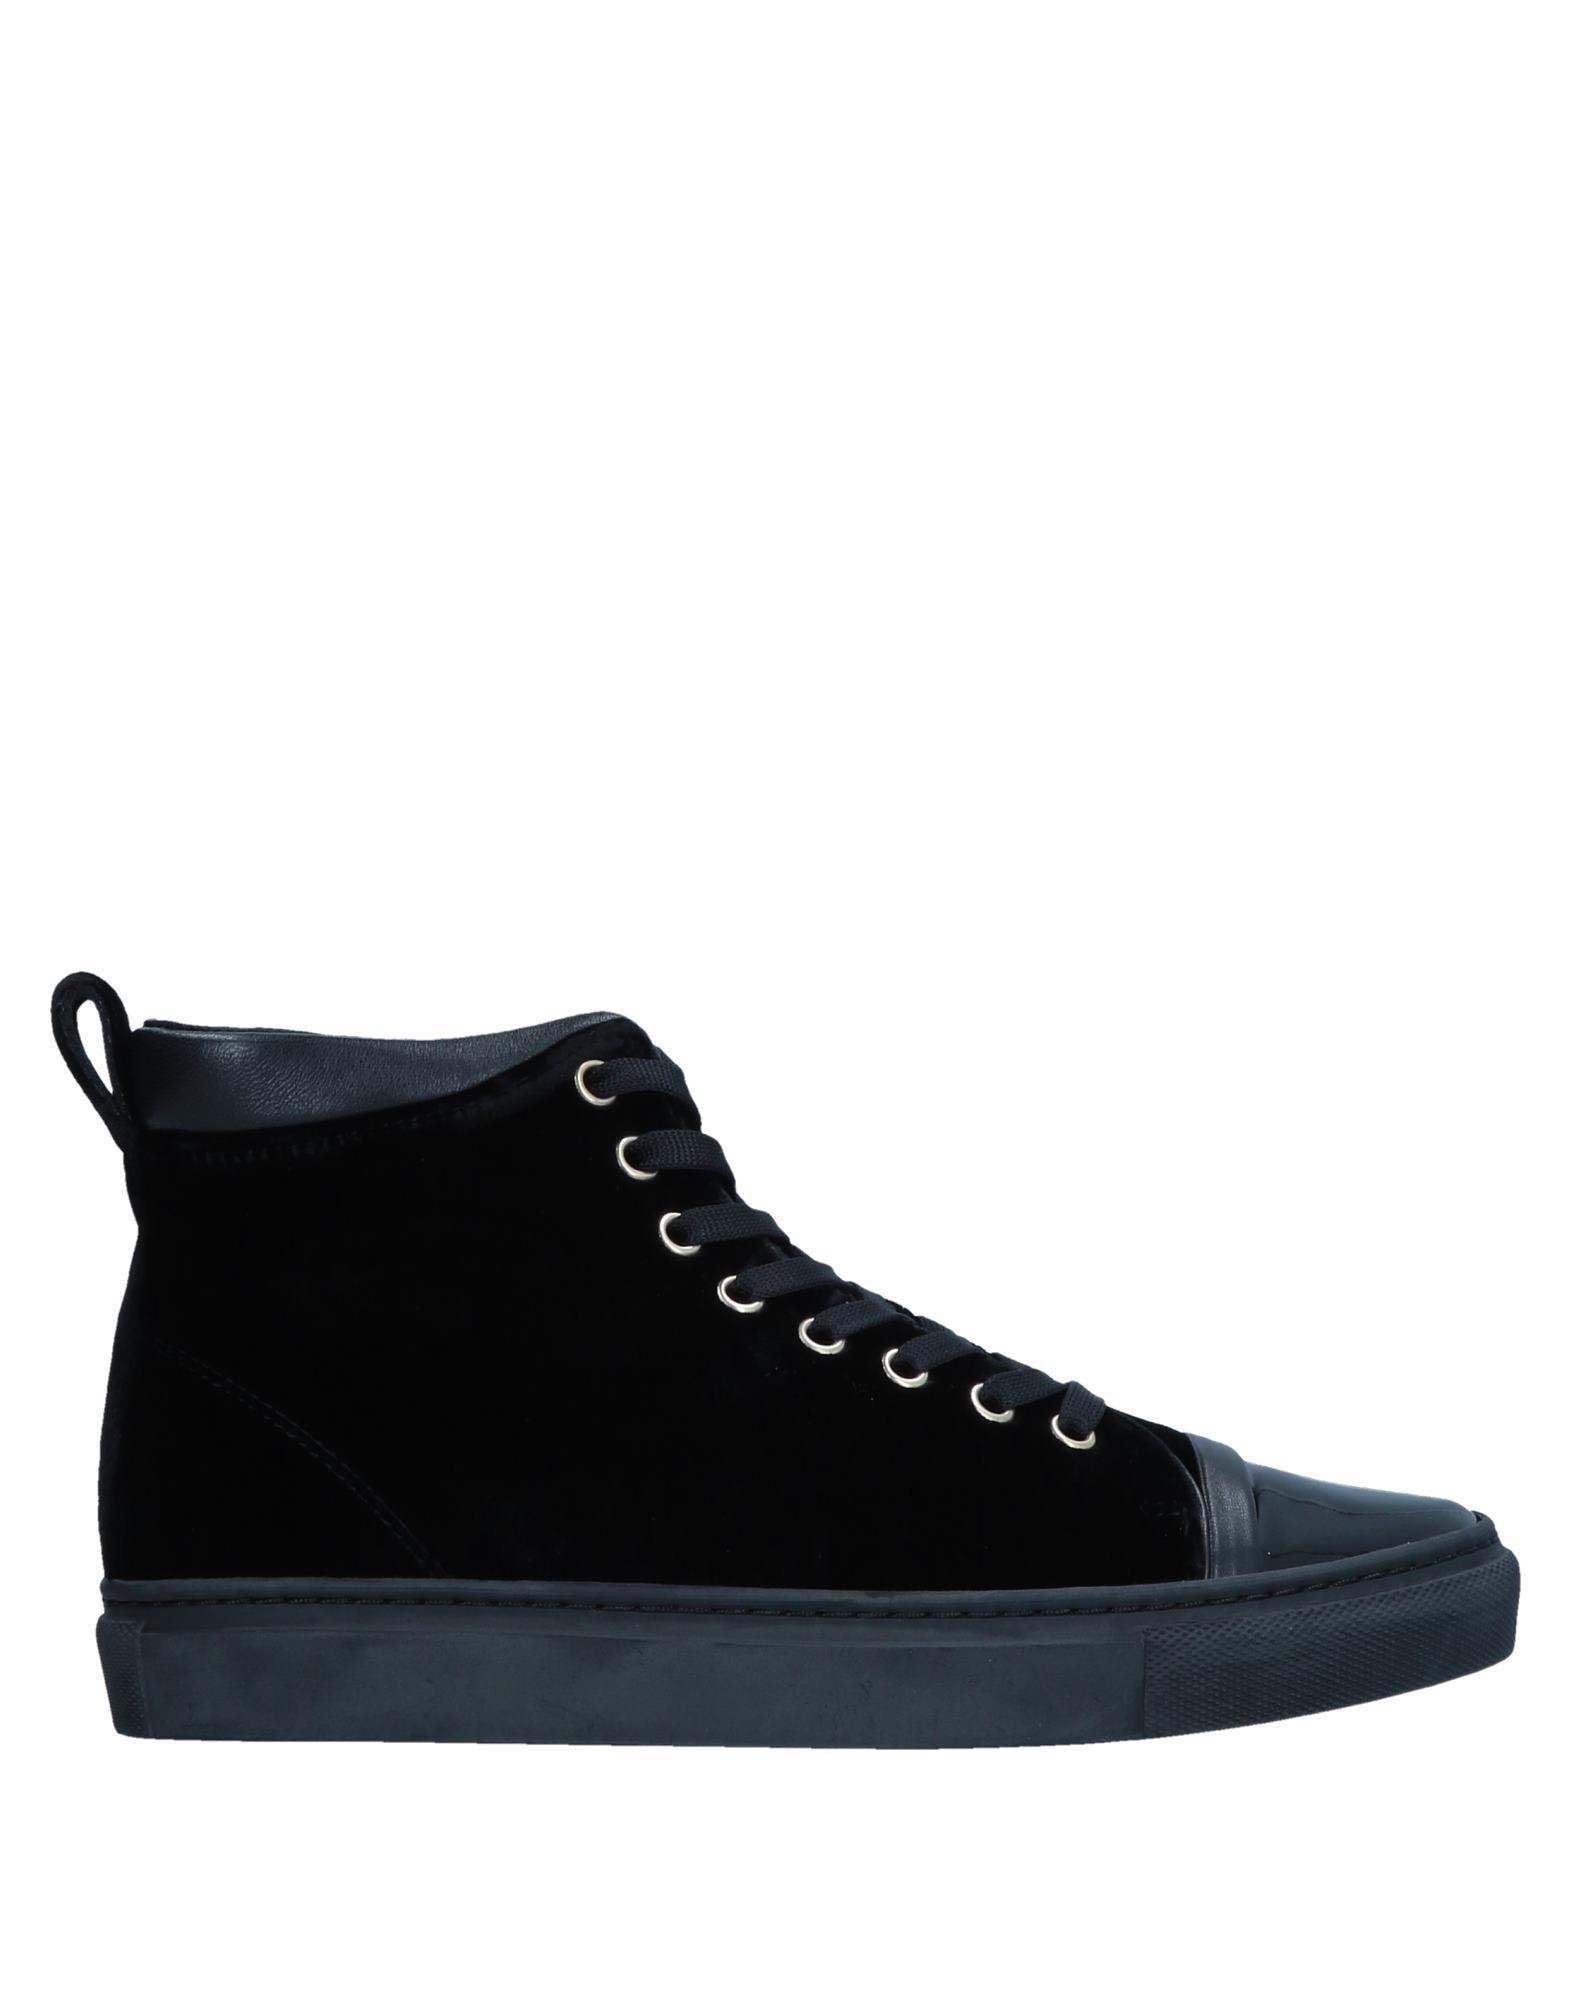 Sneakers Lanvin Donna - 11556802OQ 11556802OQ 11556802OQ 1a58f7